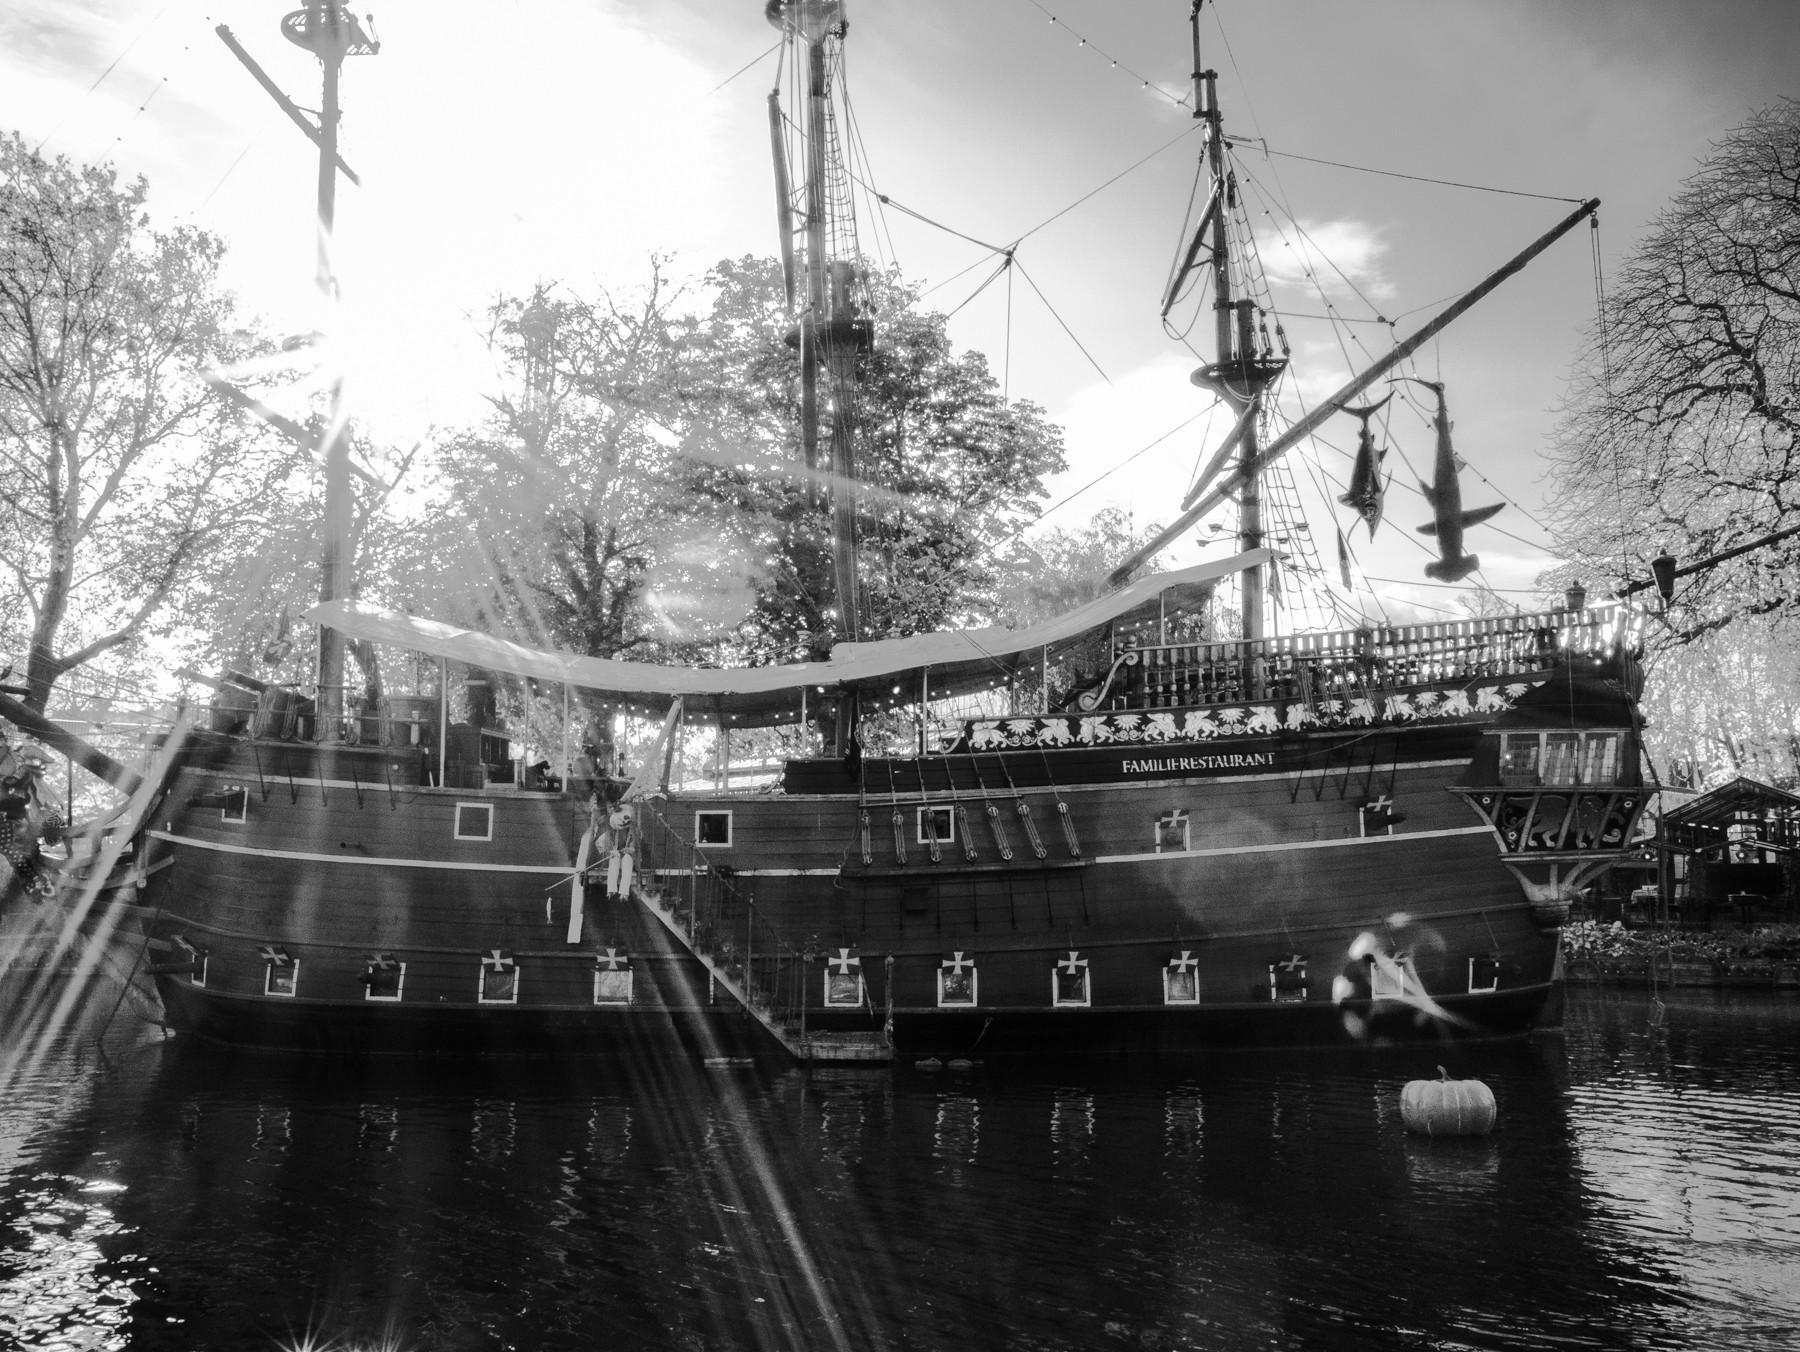 Pirateskibet i Tivoli